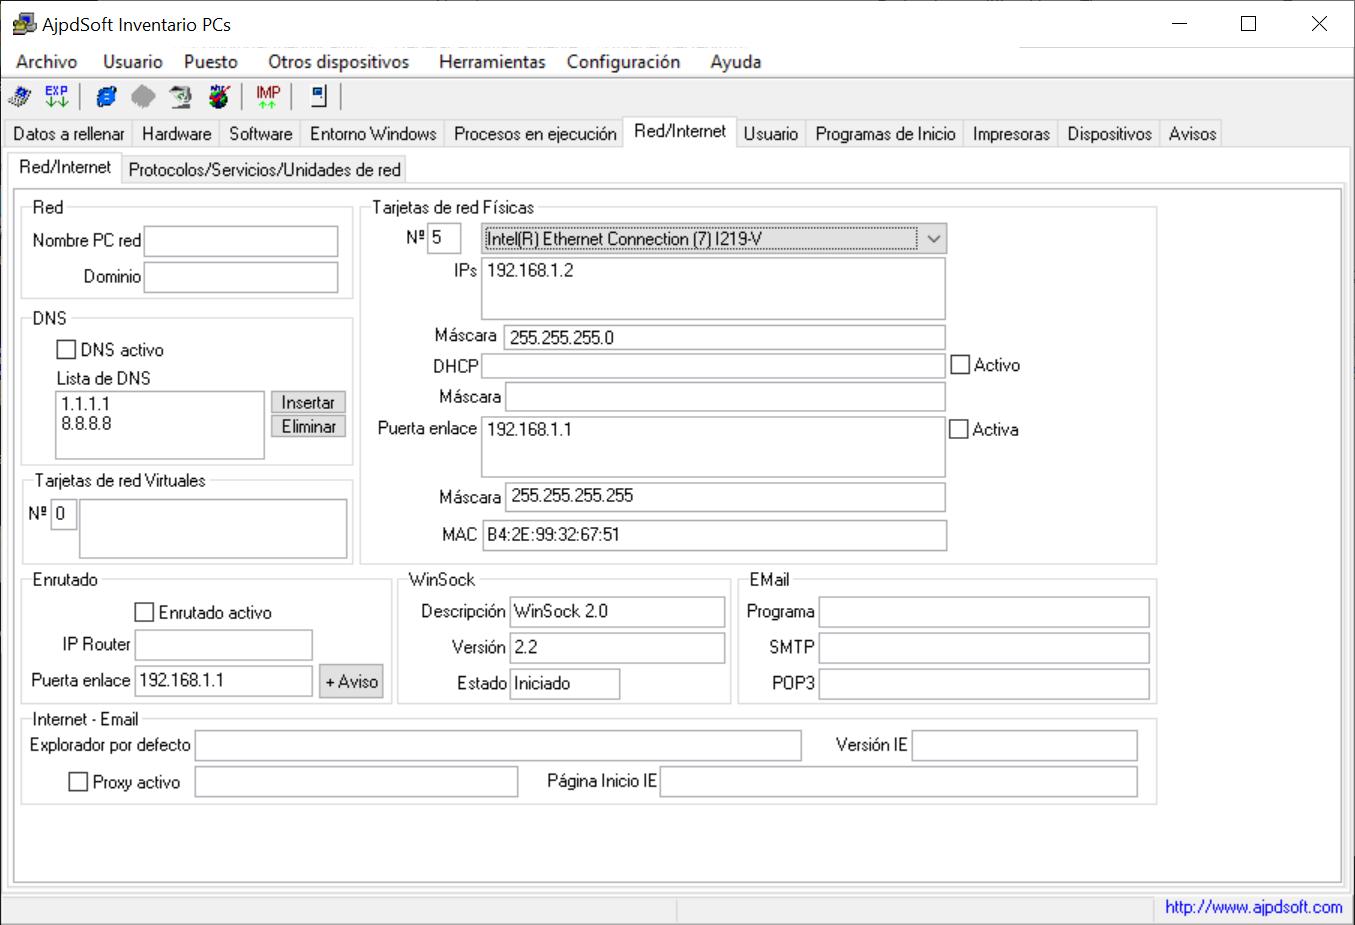 AjpdSoft Inventario PCs  Código fuente Delphi Nueva versión